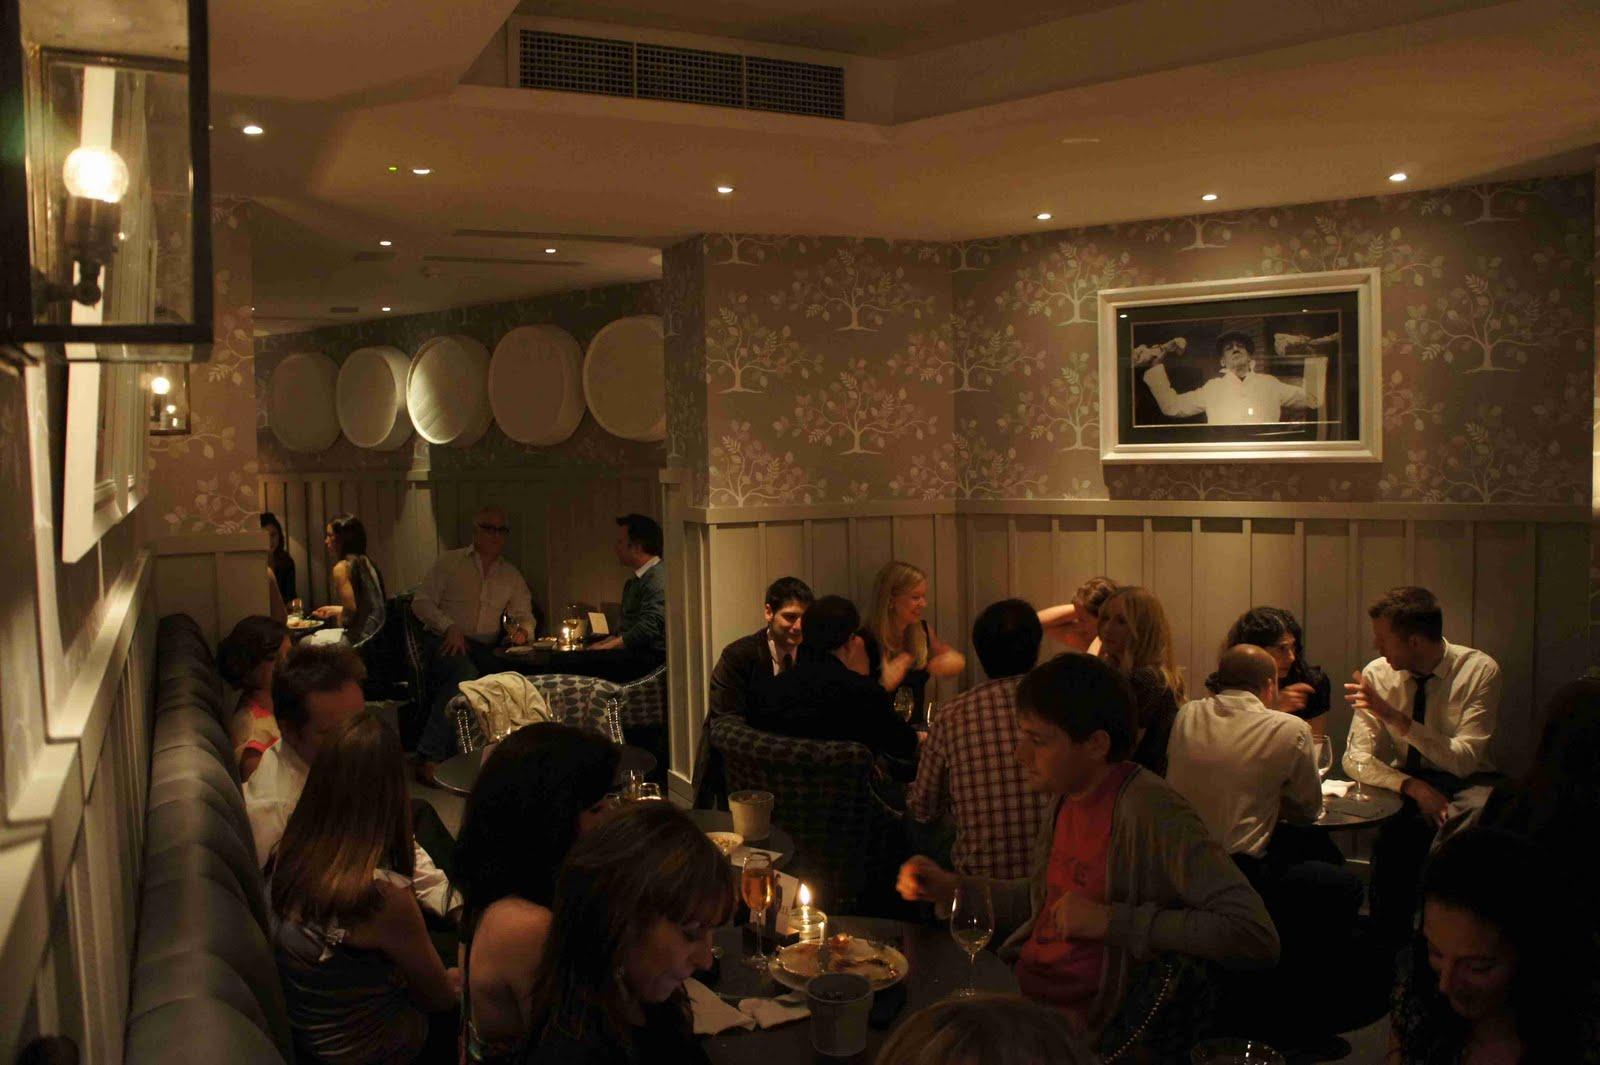 http://2.bp.blogspot.com/-3kvrssEEZrE/Tgua7zaQjdI/AAAAAAAACzk/dSQQVFUwAzw/s1600/Bistro+du+Vin+bar+lounge.JPG